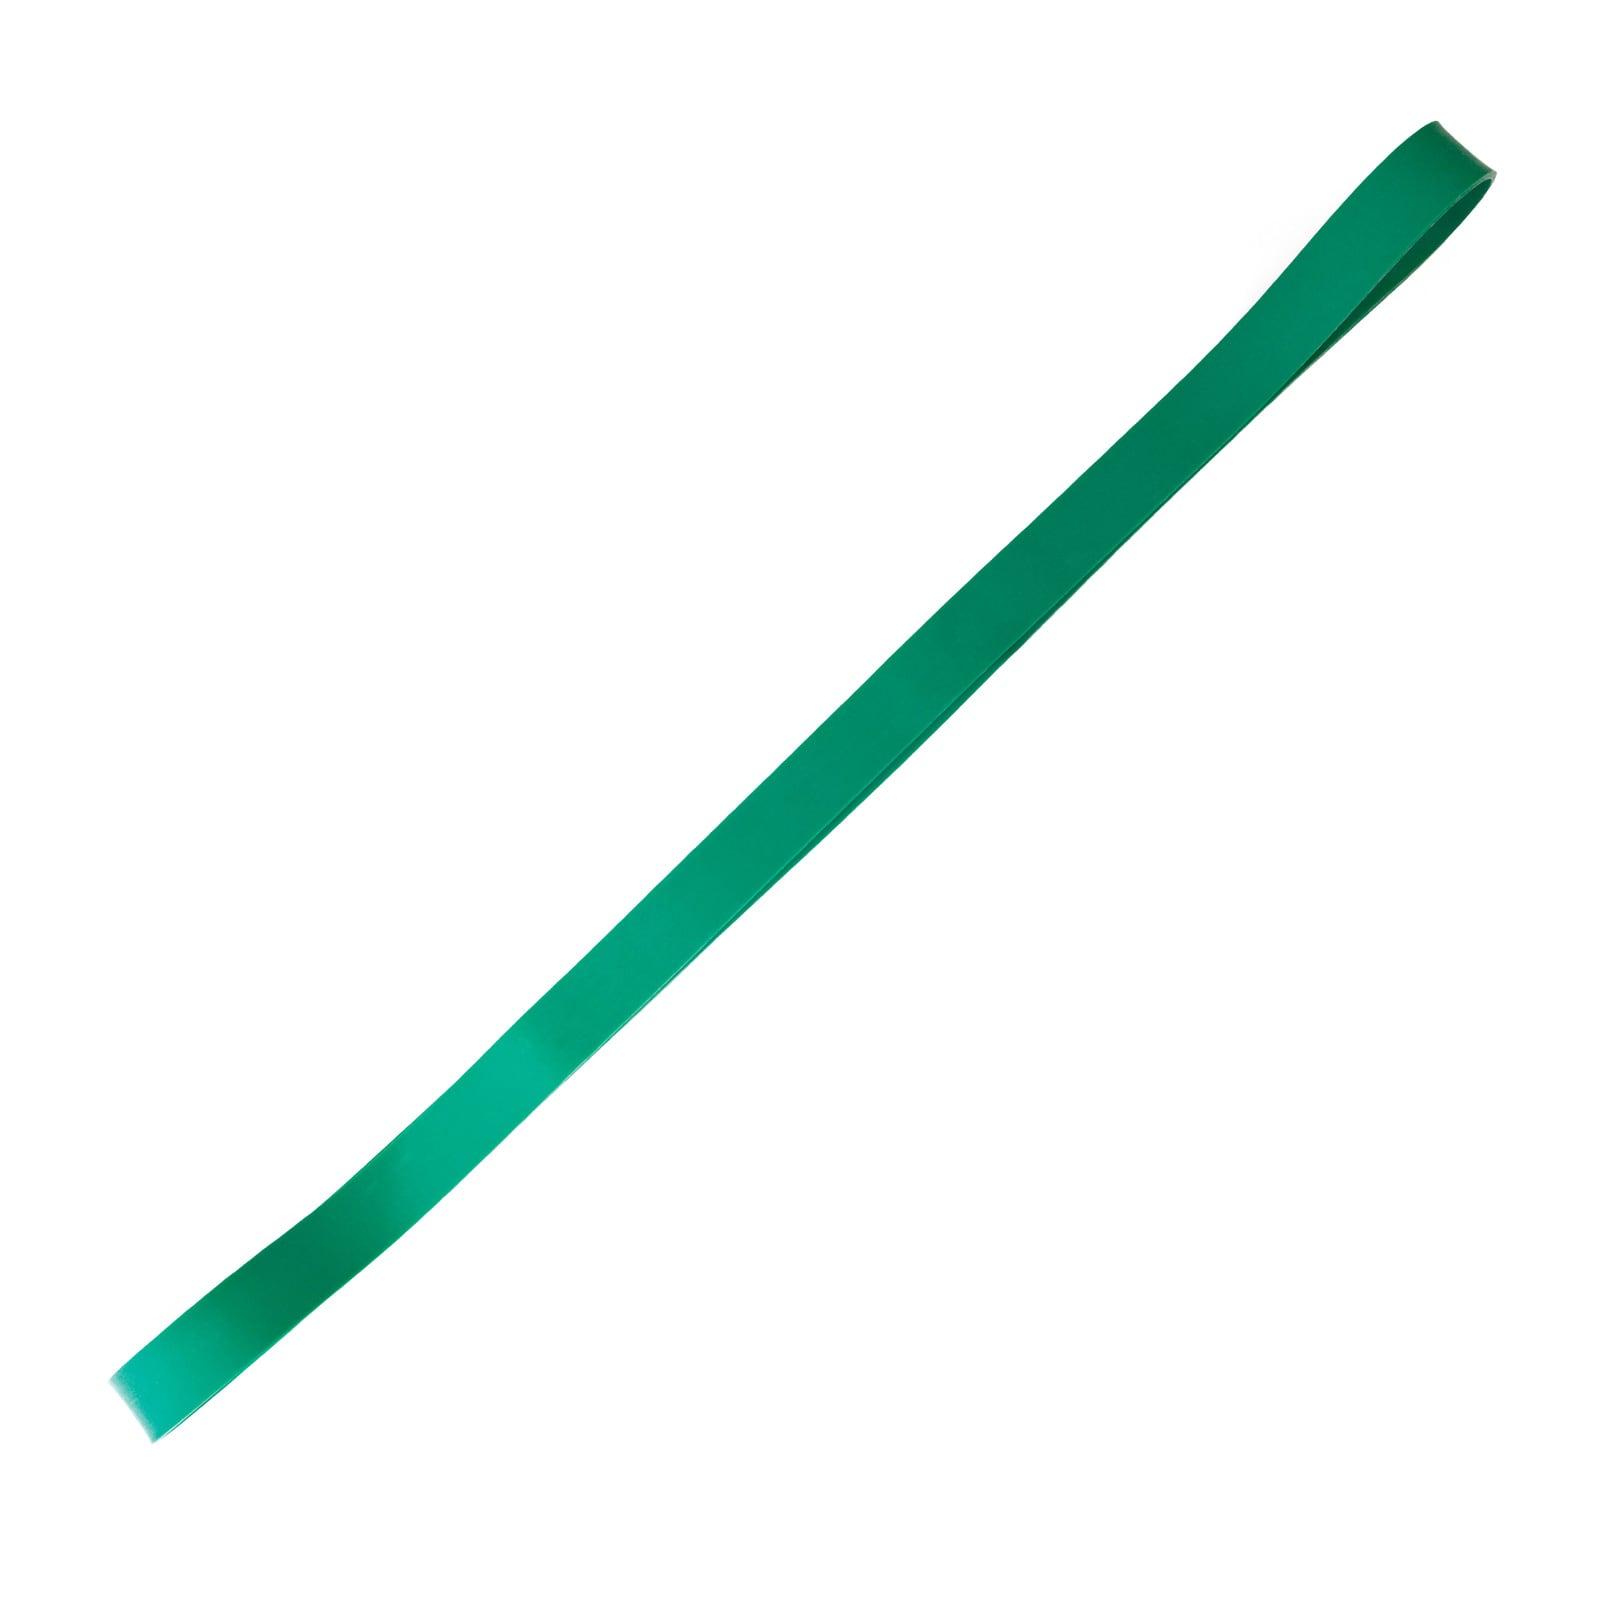 Super bande elastique 104x5cm verte - Fort